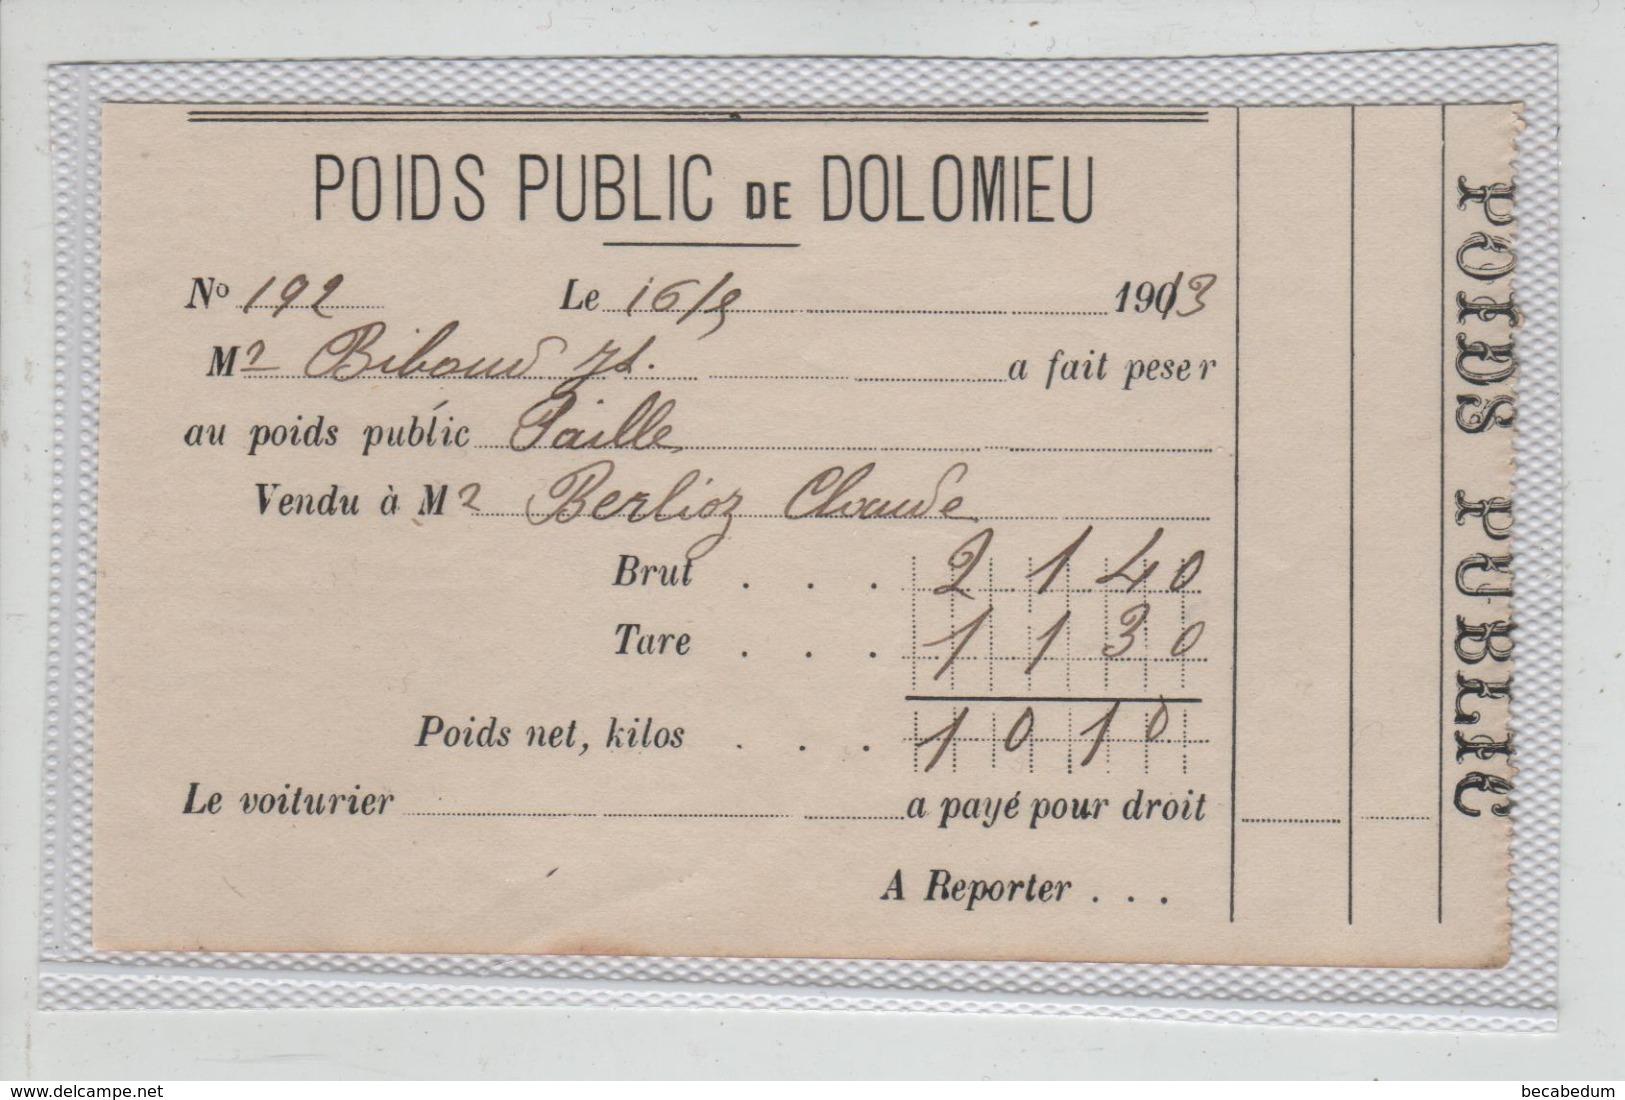 Poids Public De Dolomieu 1913 Biboud Paille Berlioz - Alte Papiere